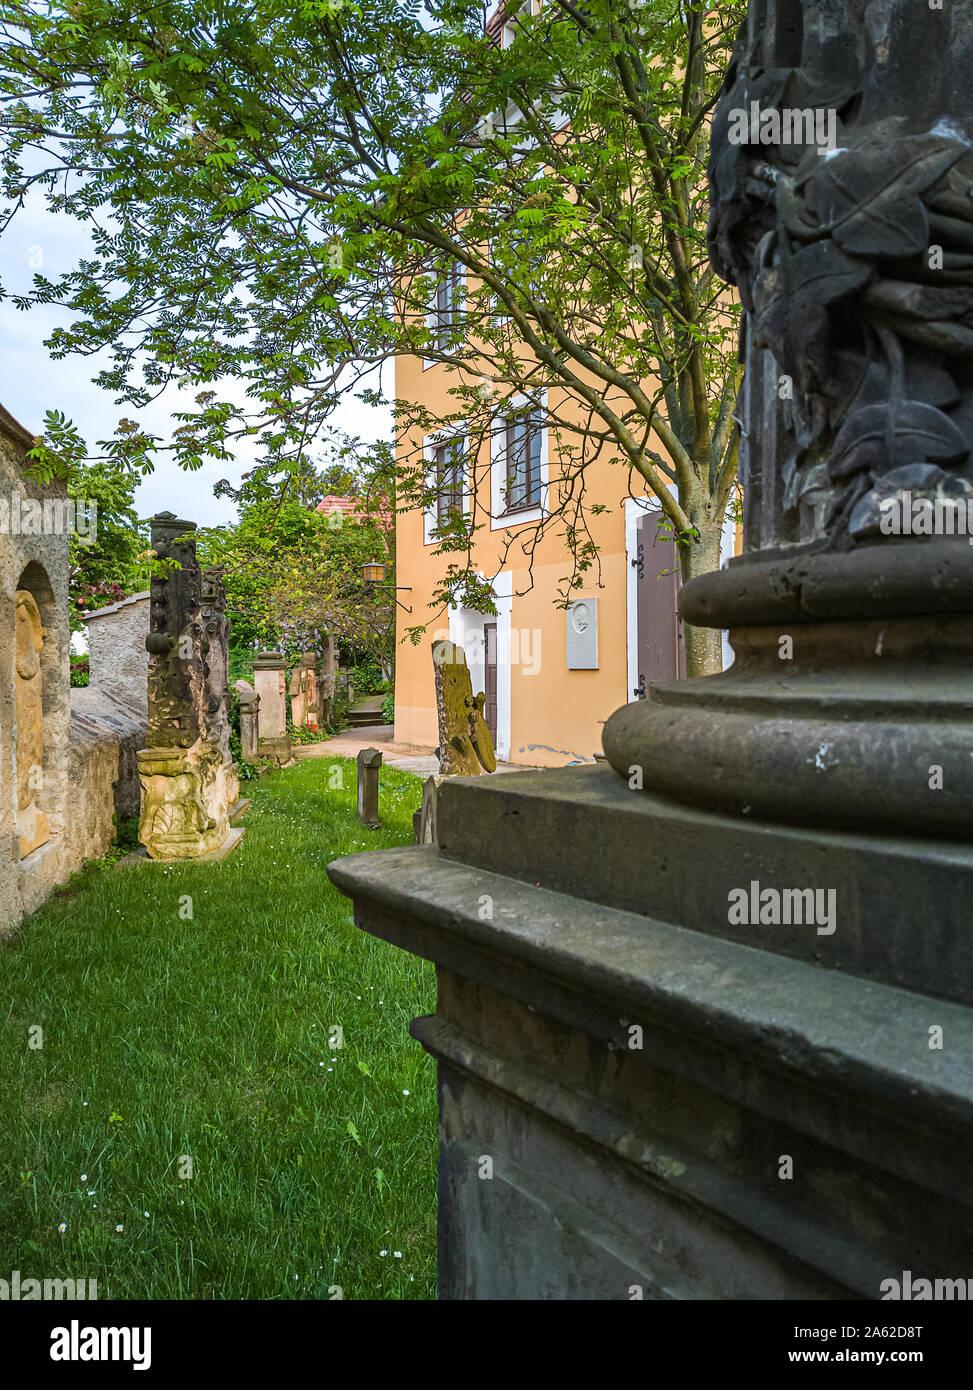 Ansicht zwischen Gräber auf dem Friedhof der Kirche Maria am Wasser (Maria von der Gewässer) in Hosterwitz Dresden, Deutschland. Stockfoto